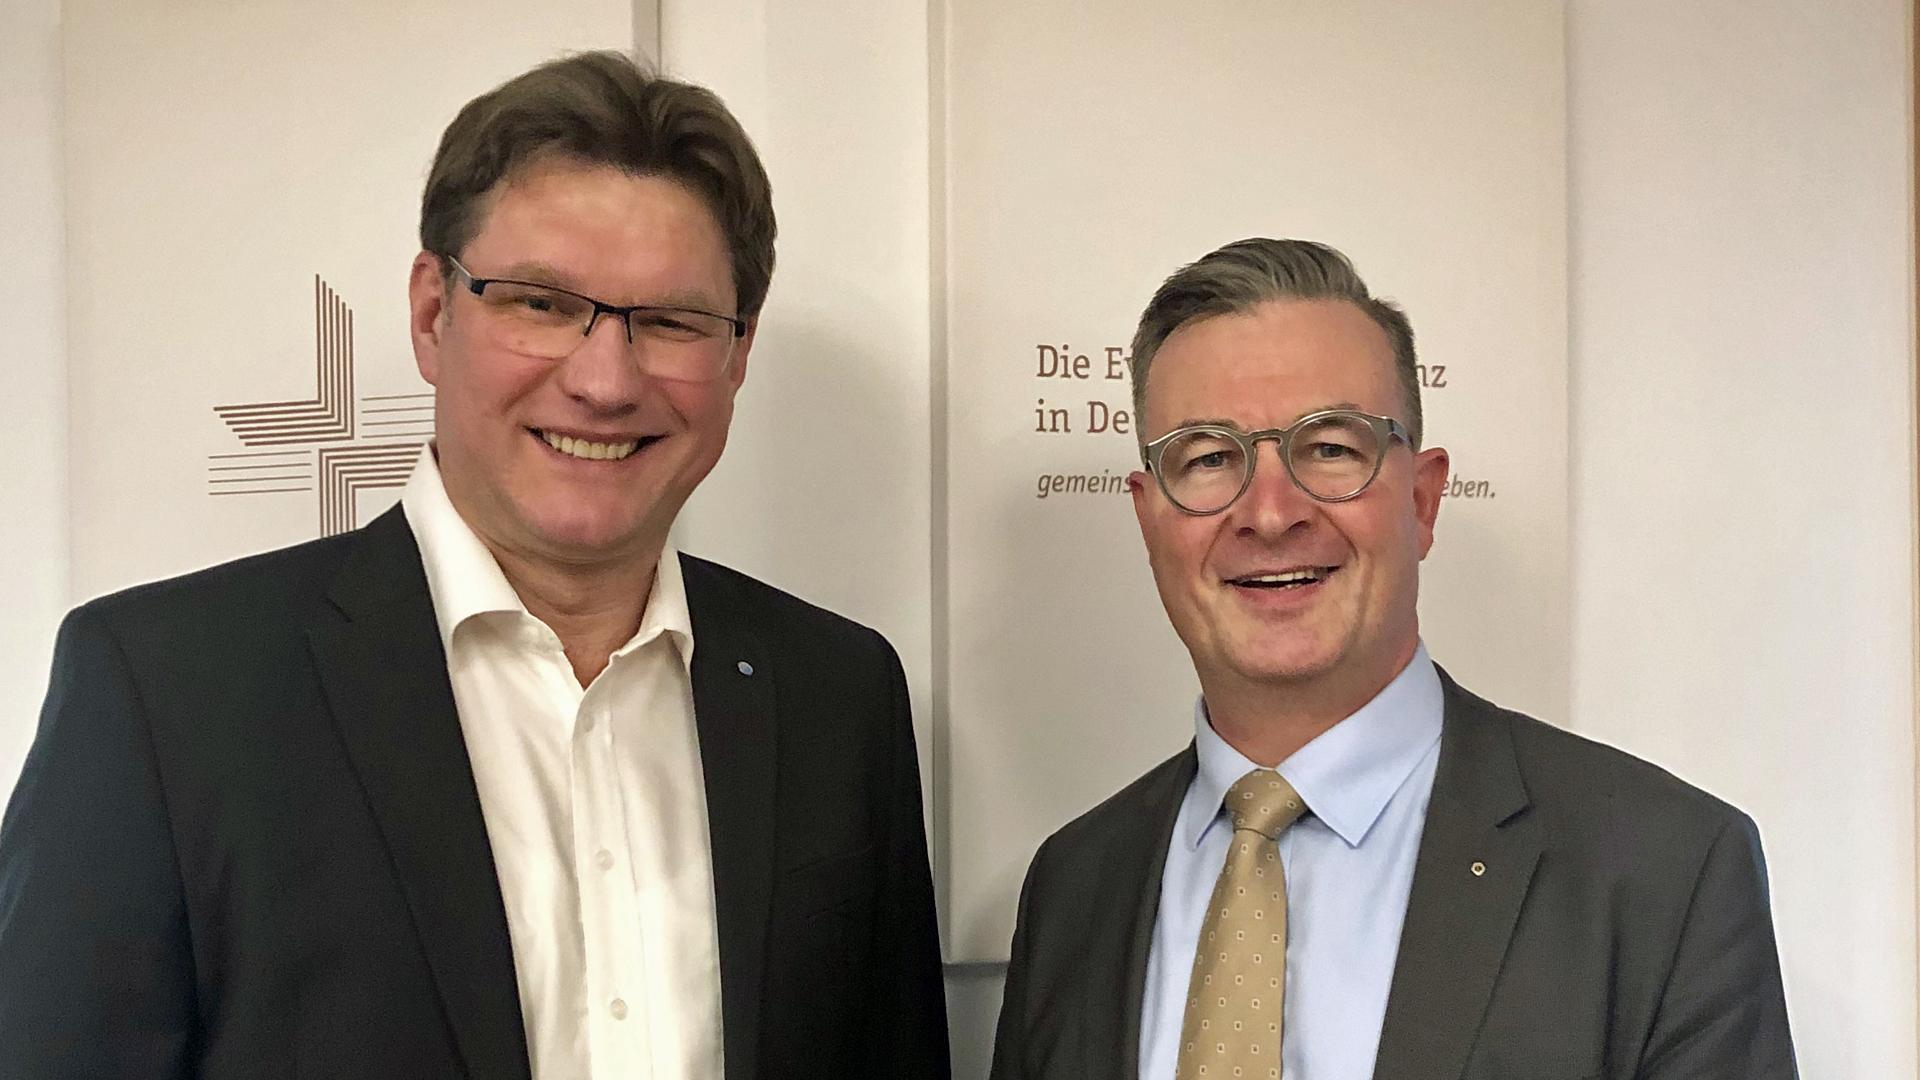 Albert Weiler (rechts im Bild, CDU) war am Dienstag zu Gast bei Uwe Heimowski, dem Politikbeauftragten der Deutschen Evangelischen Allianz